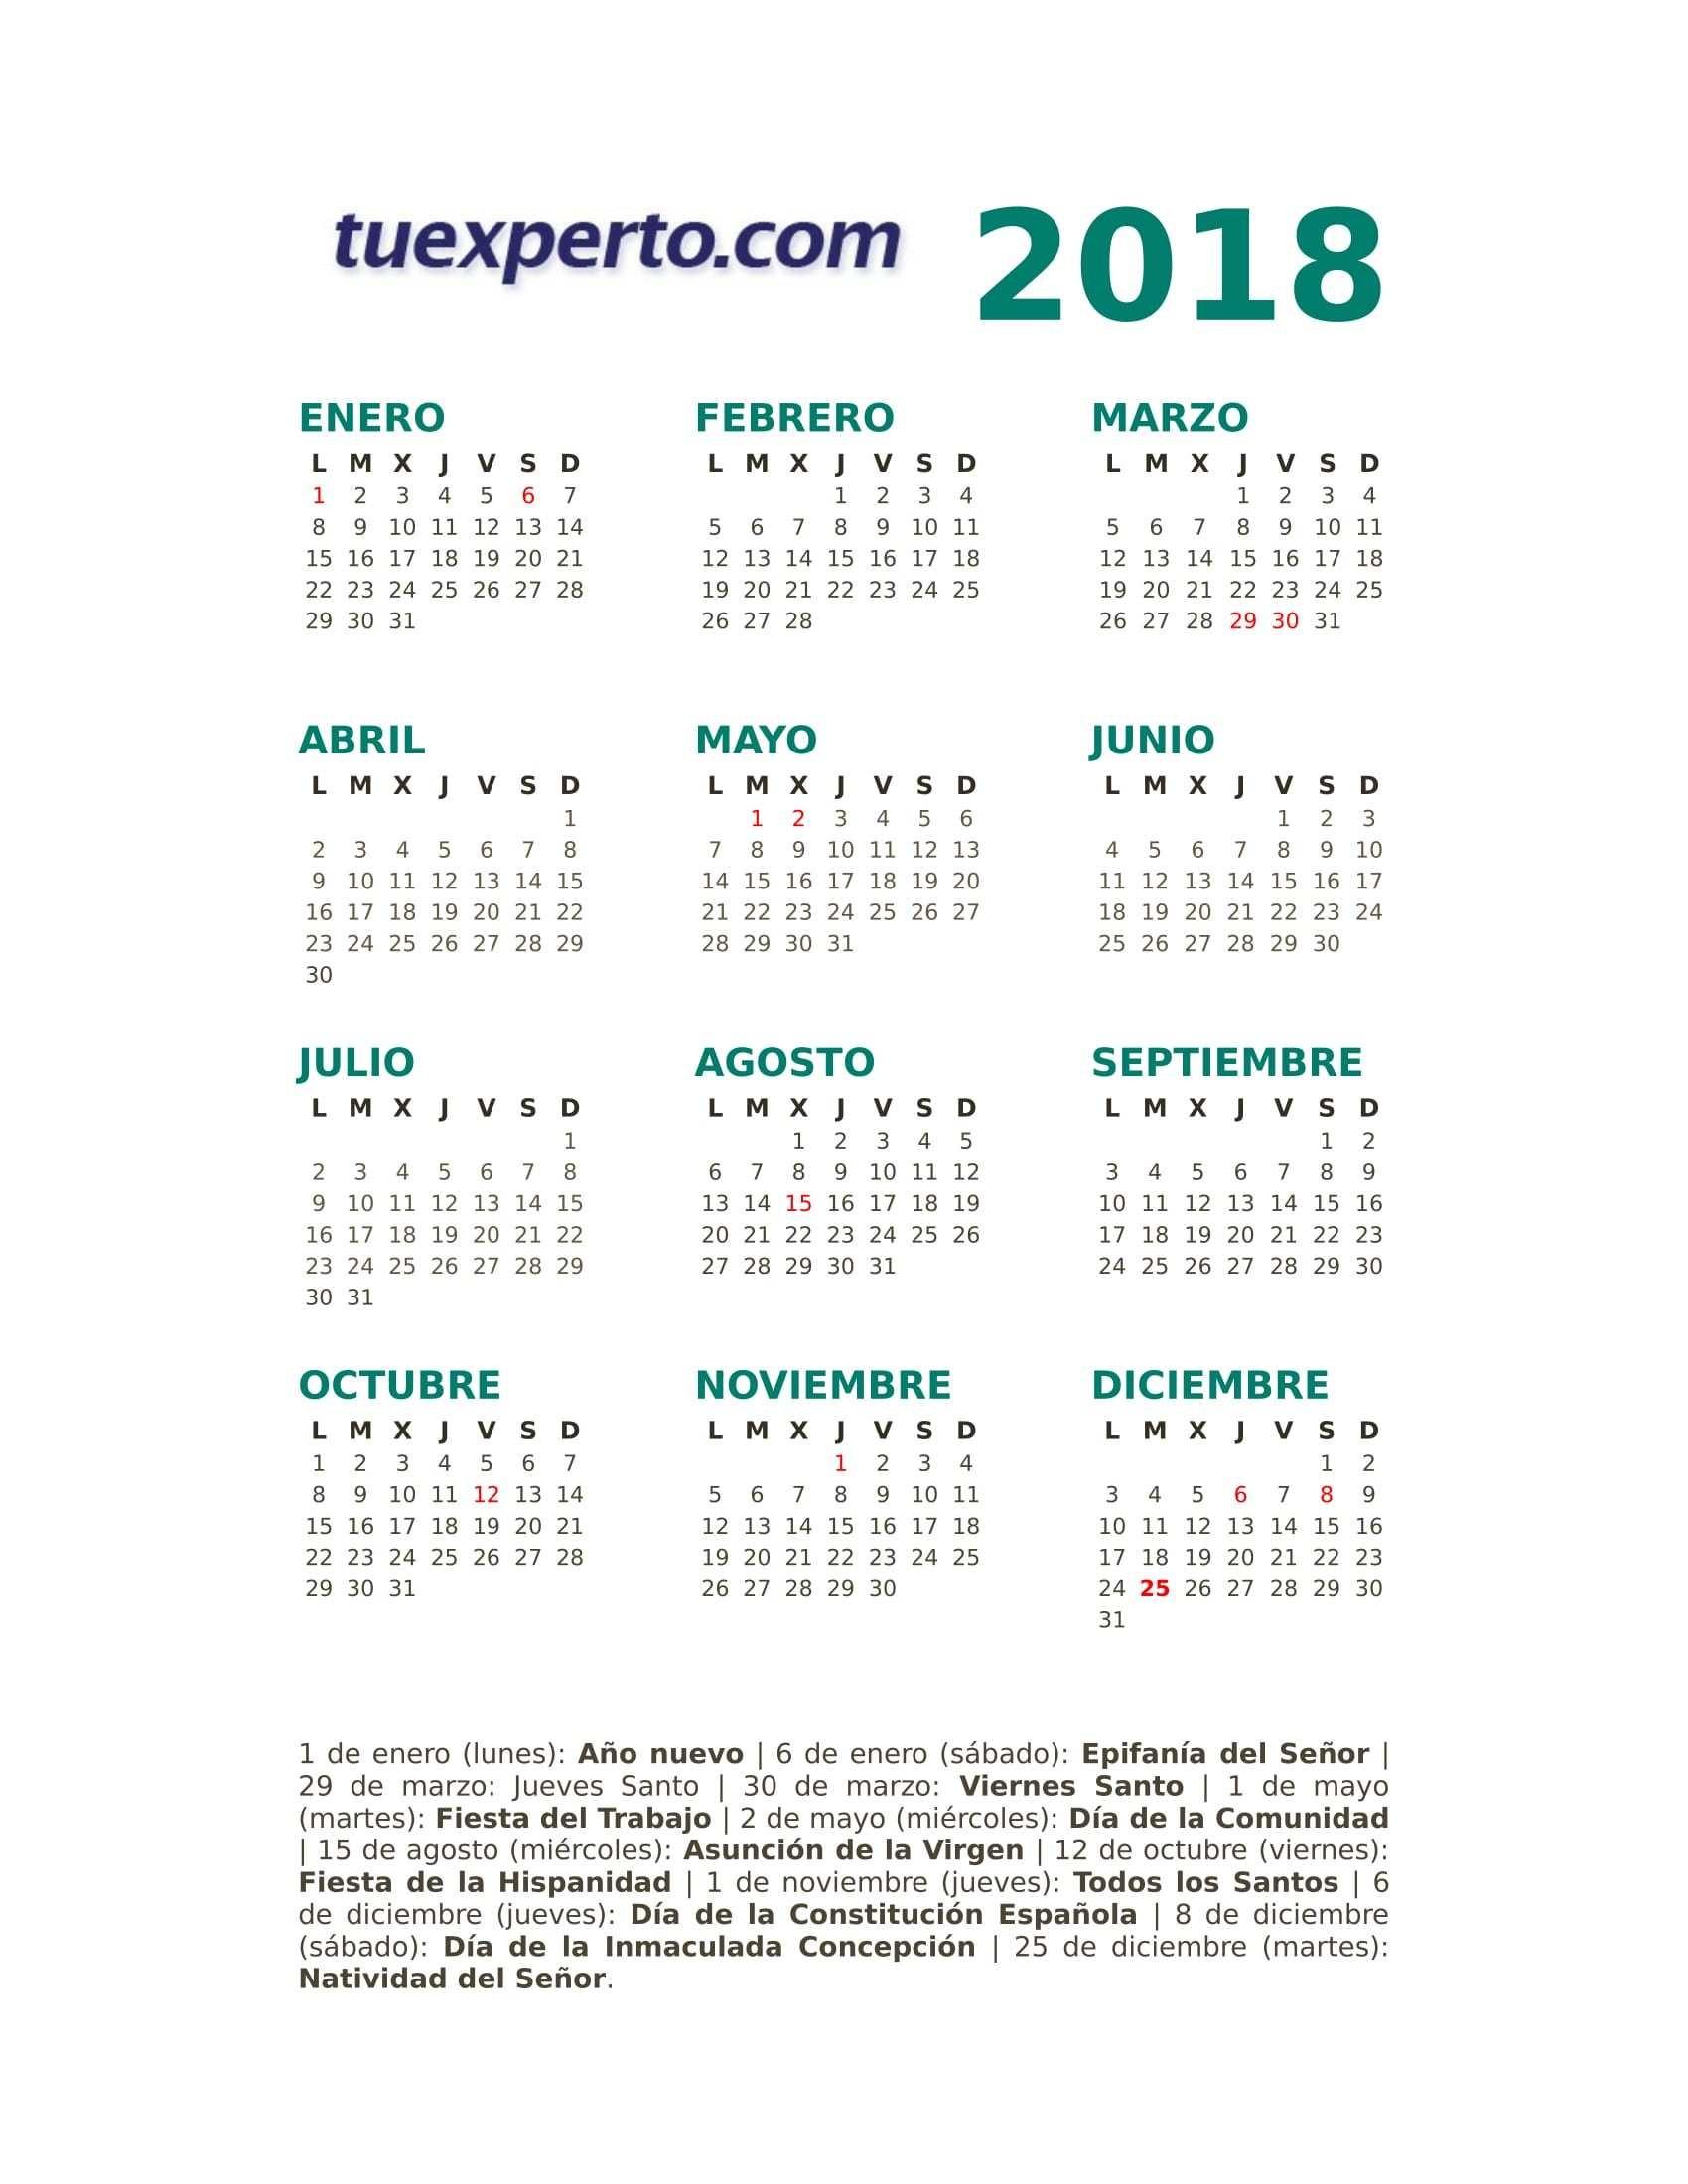 Calendario Diciembre 2017 Chile Para Imprimir Más Recientes Calendario Noviembre 2018 Para Imprimir tomburorddiner Of Calendario Diciembre 2017 Chile Para Imprimir Recientes Calendario Chile A±o 2018